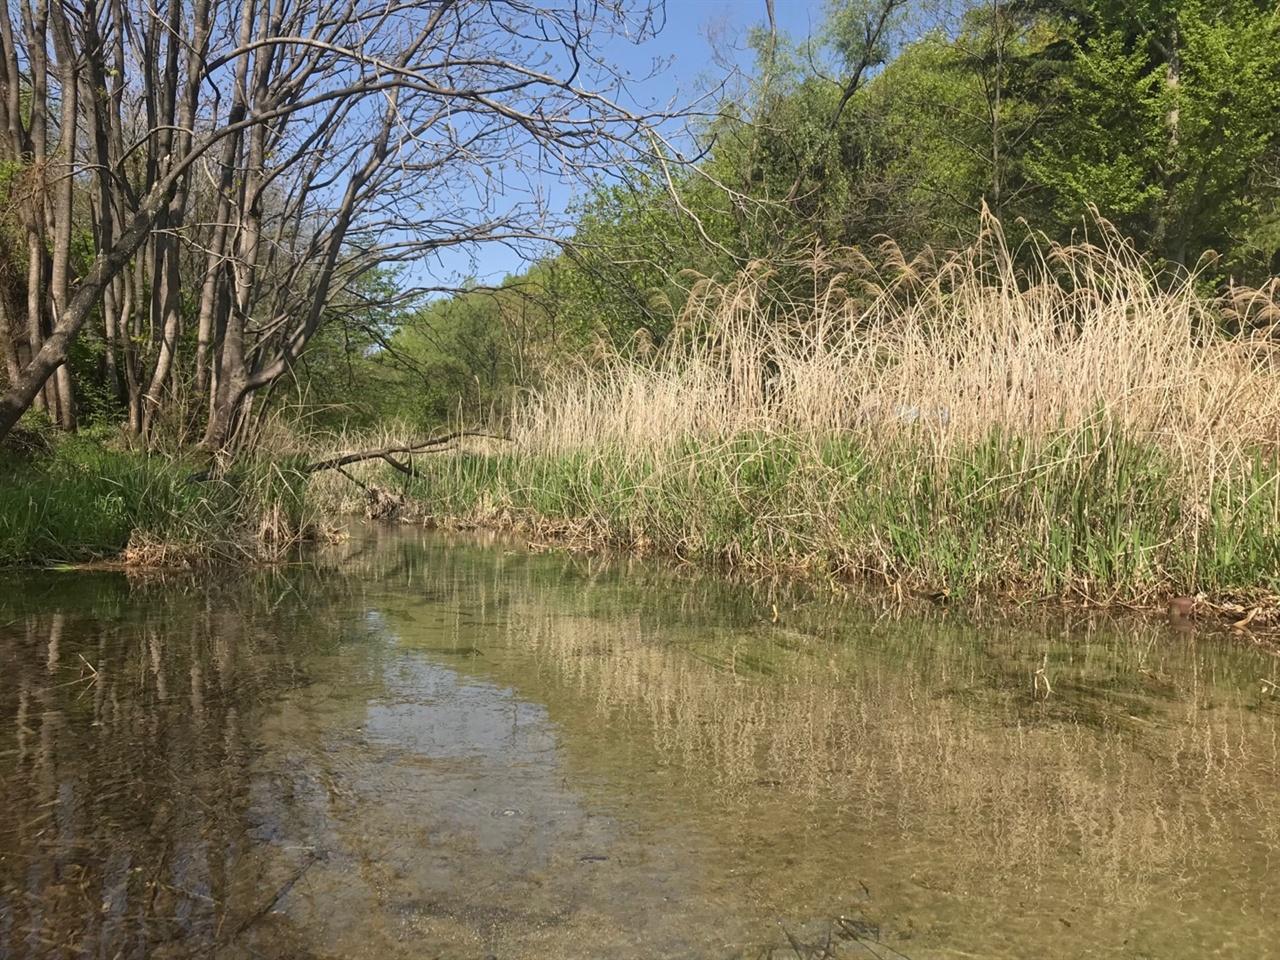 유성천의 모습 맑은 물로 바닦에 그대로 보인다 .